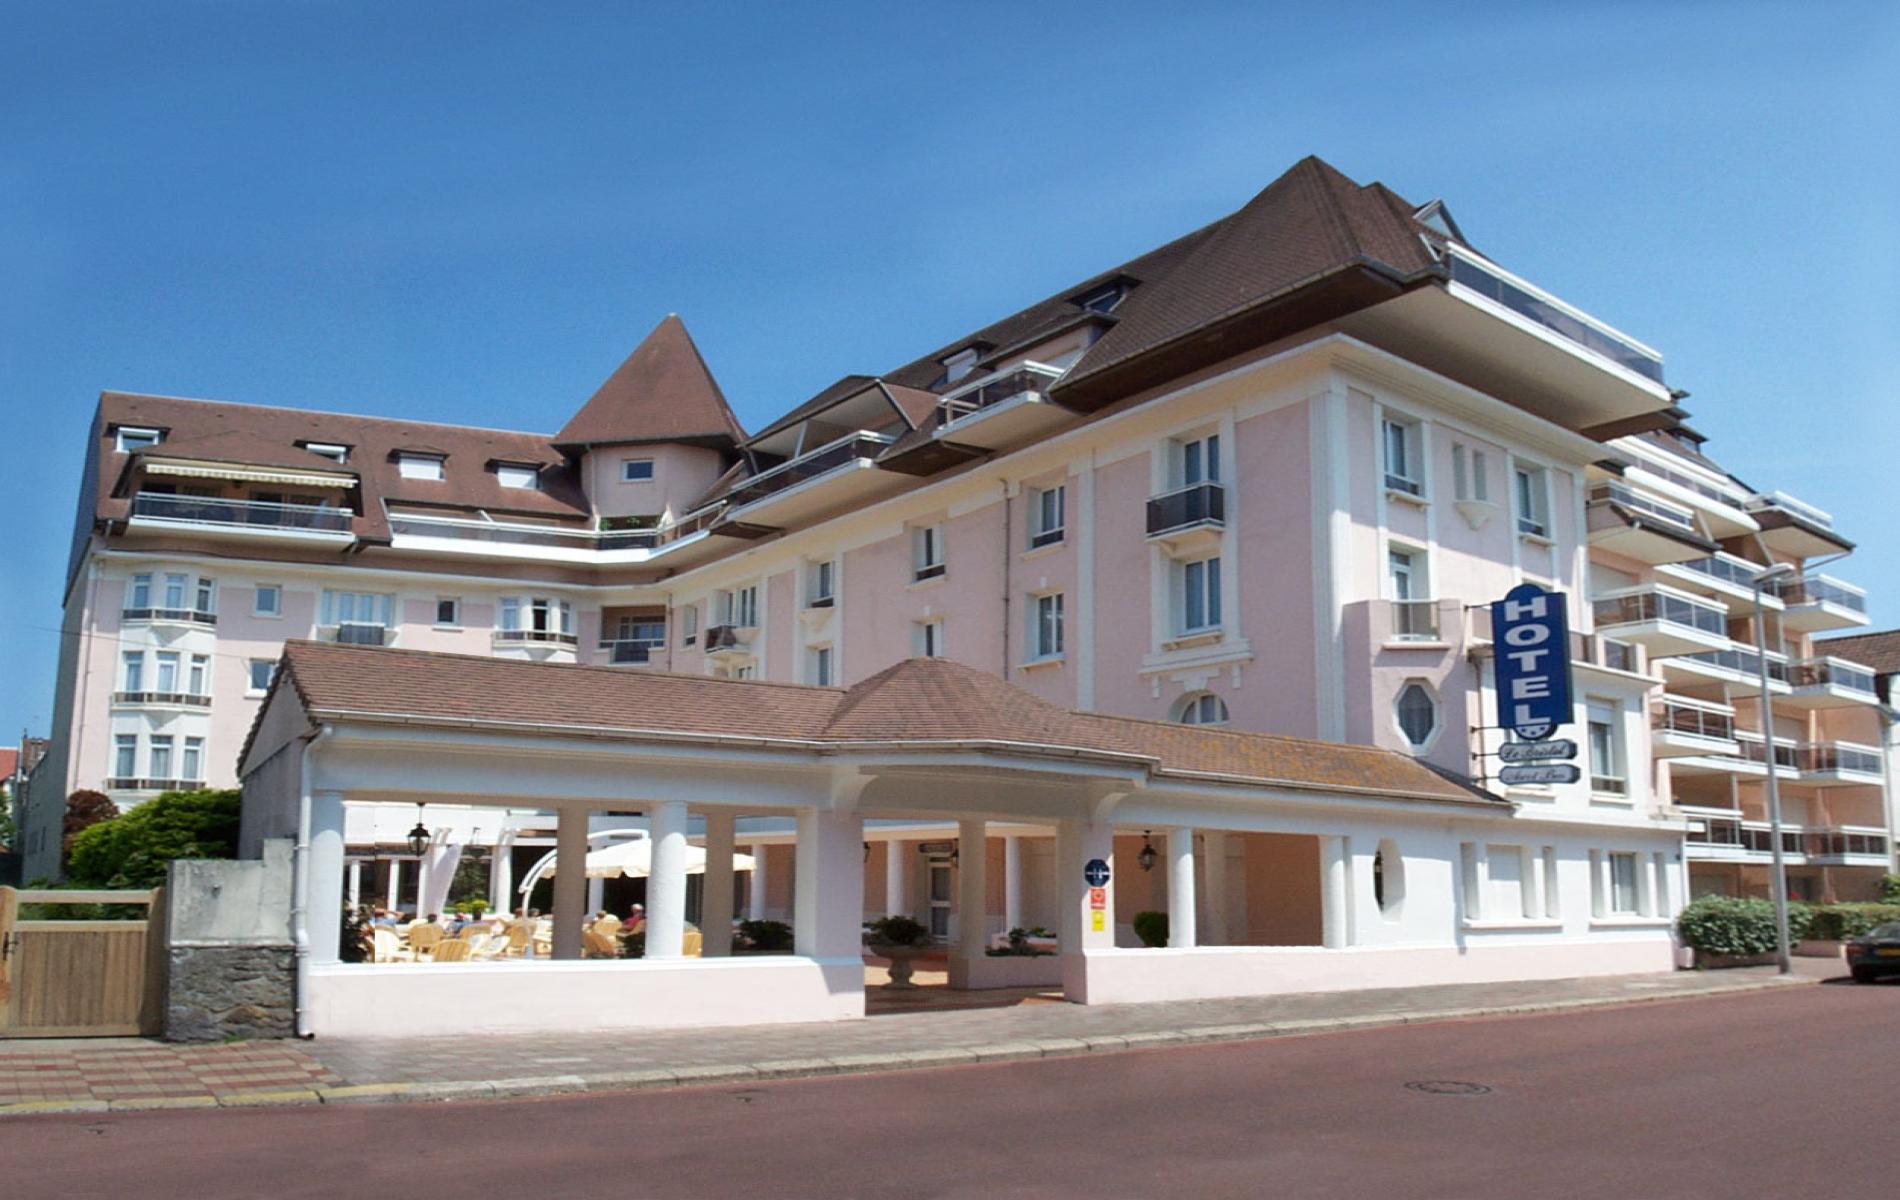 Hotel le bristol le touquet paris plage for Restaurant le jardin touquet